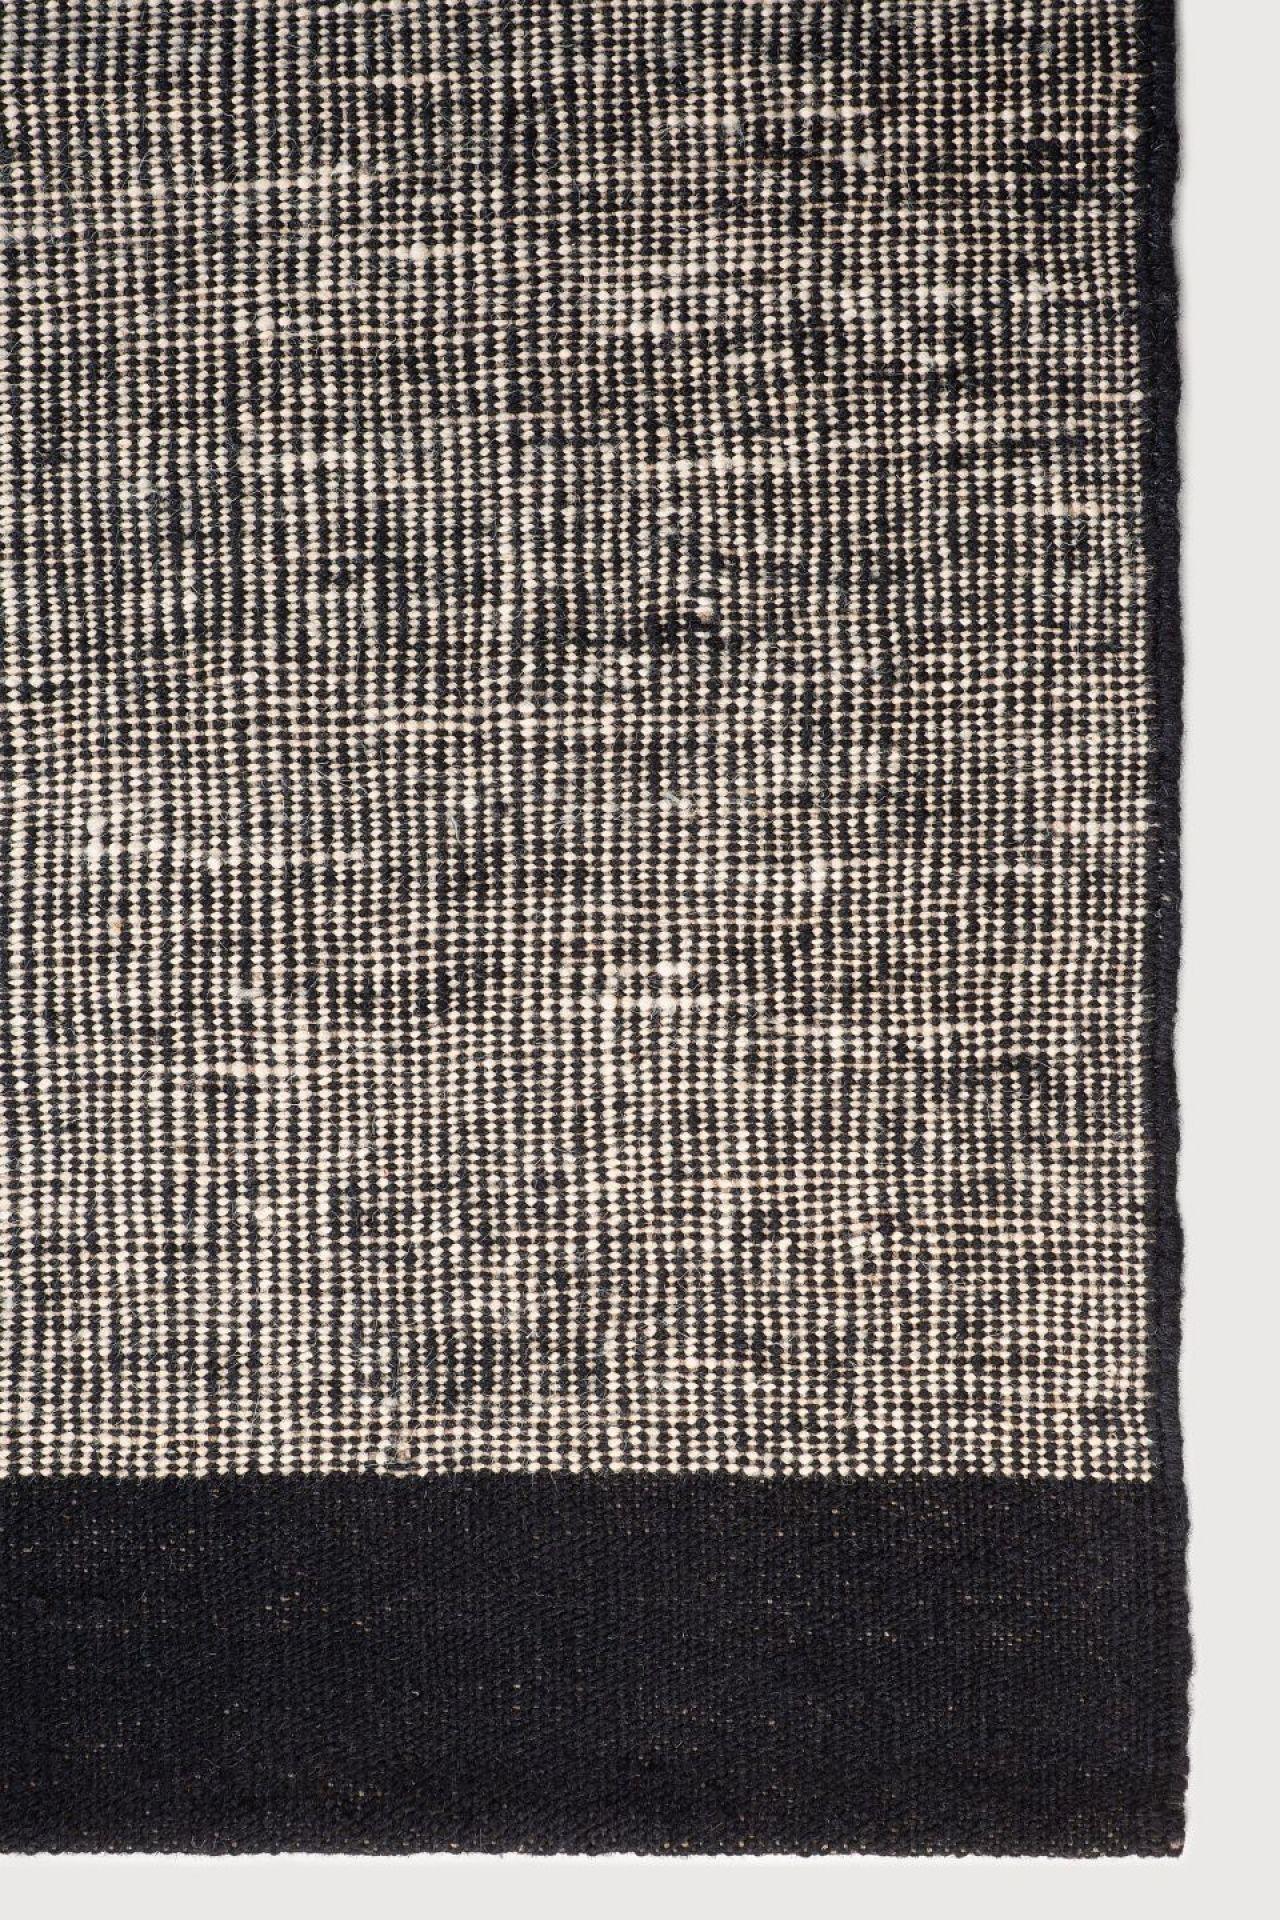 Black Dots kilim Teppich Ethnicraft